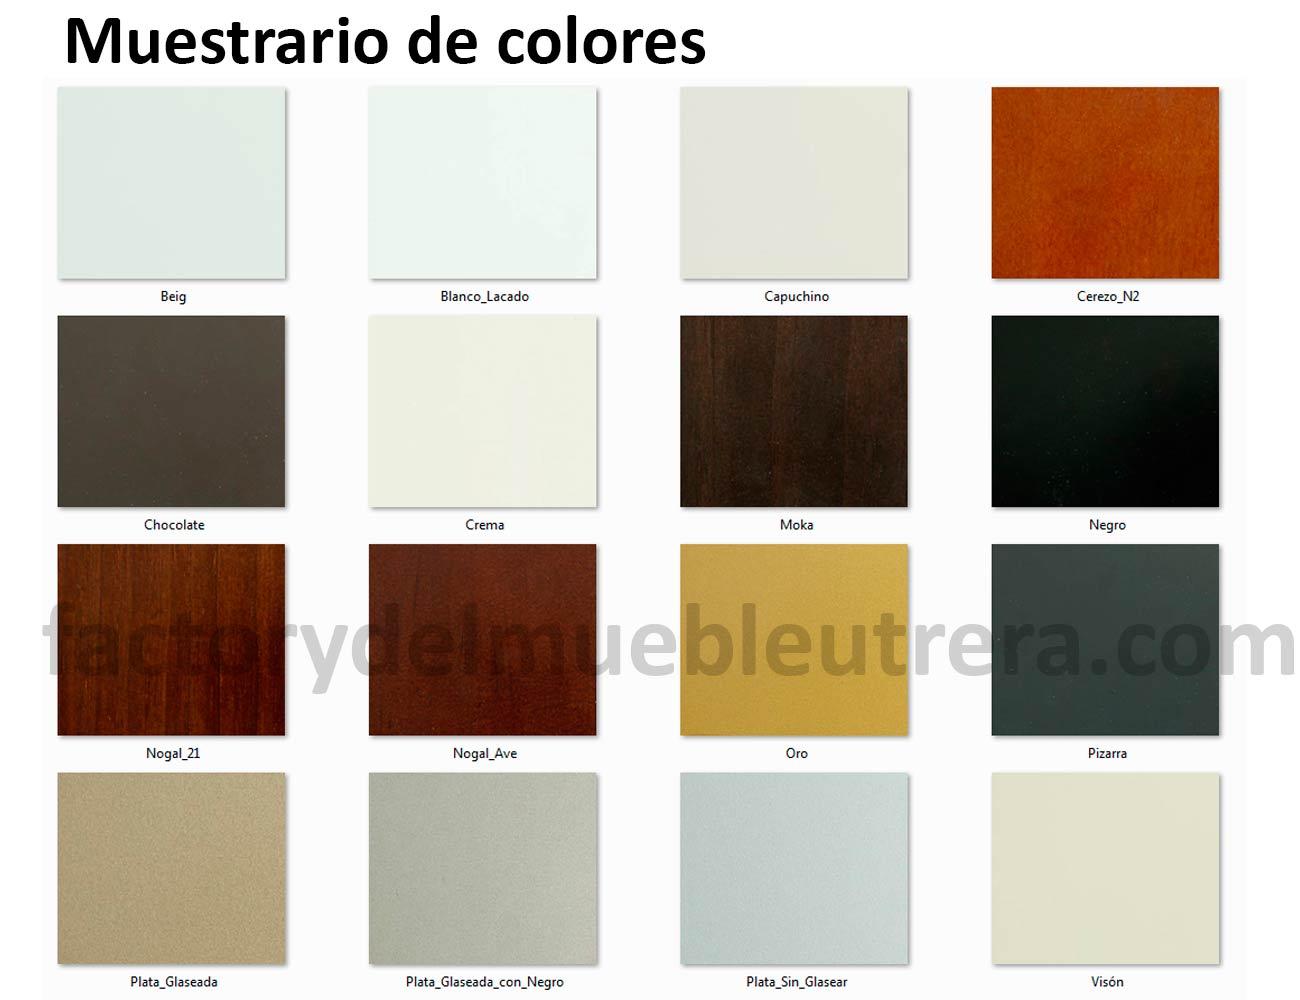 Colores web nueva66